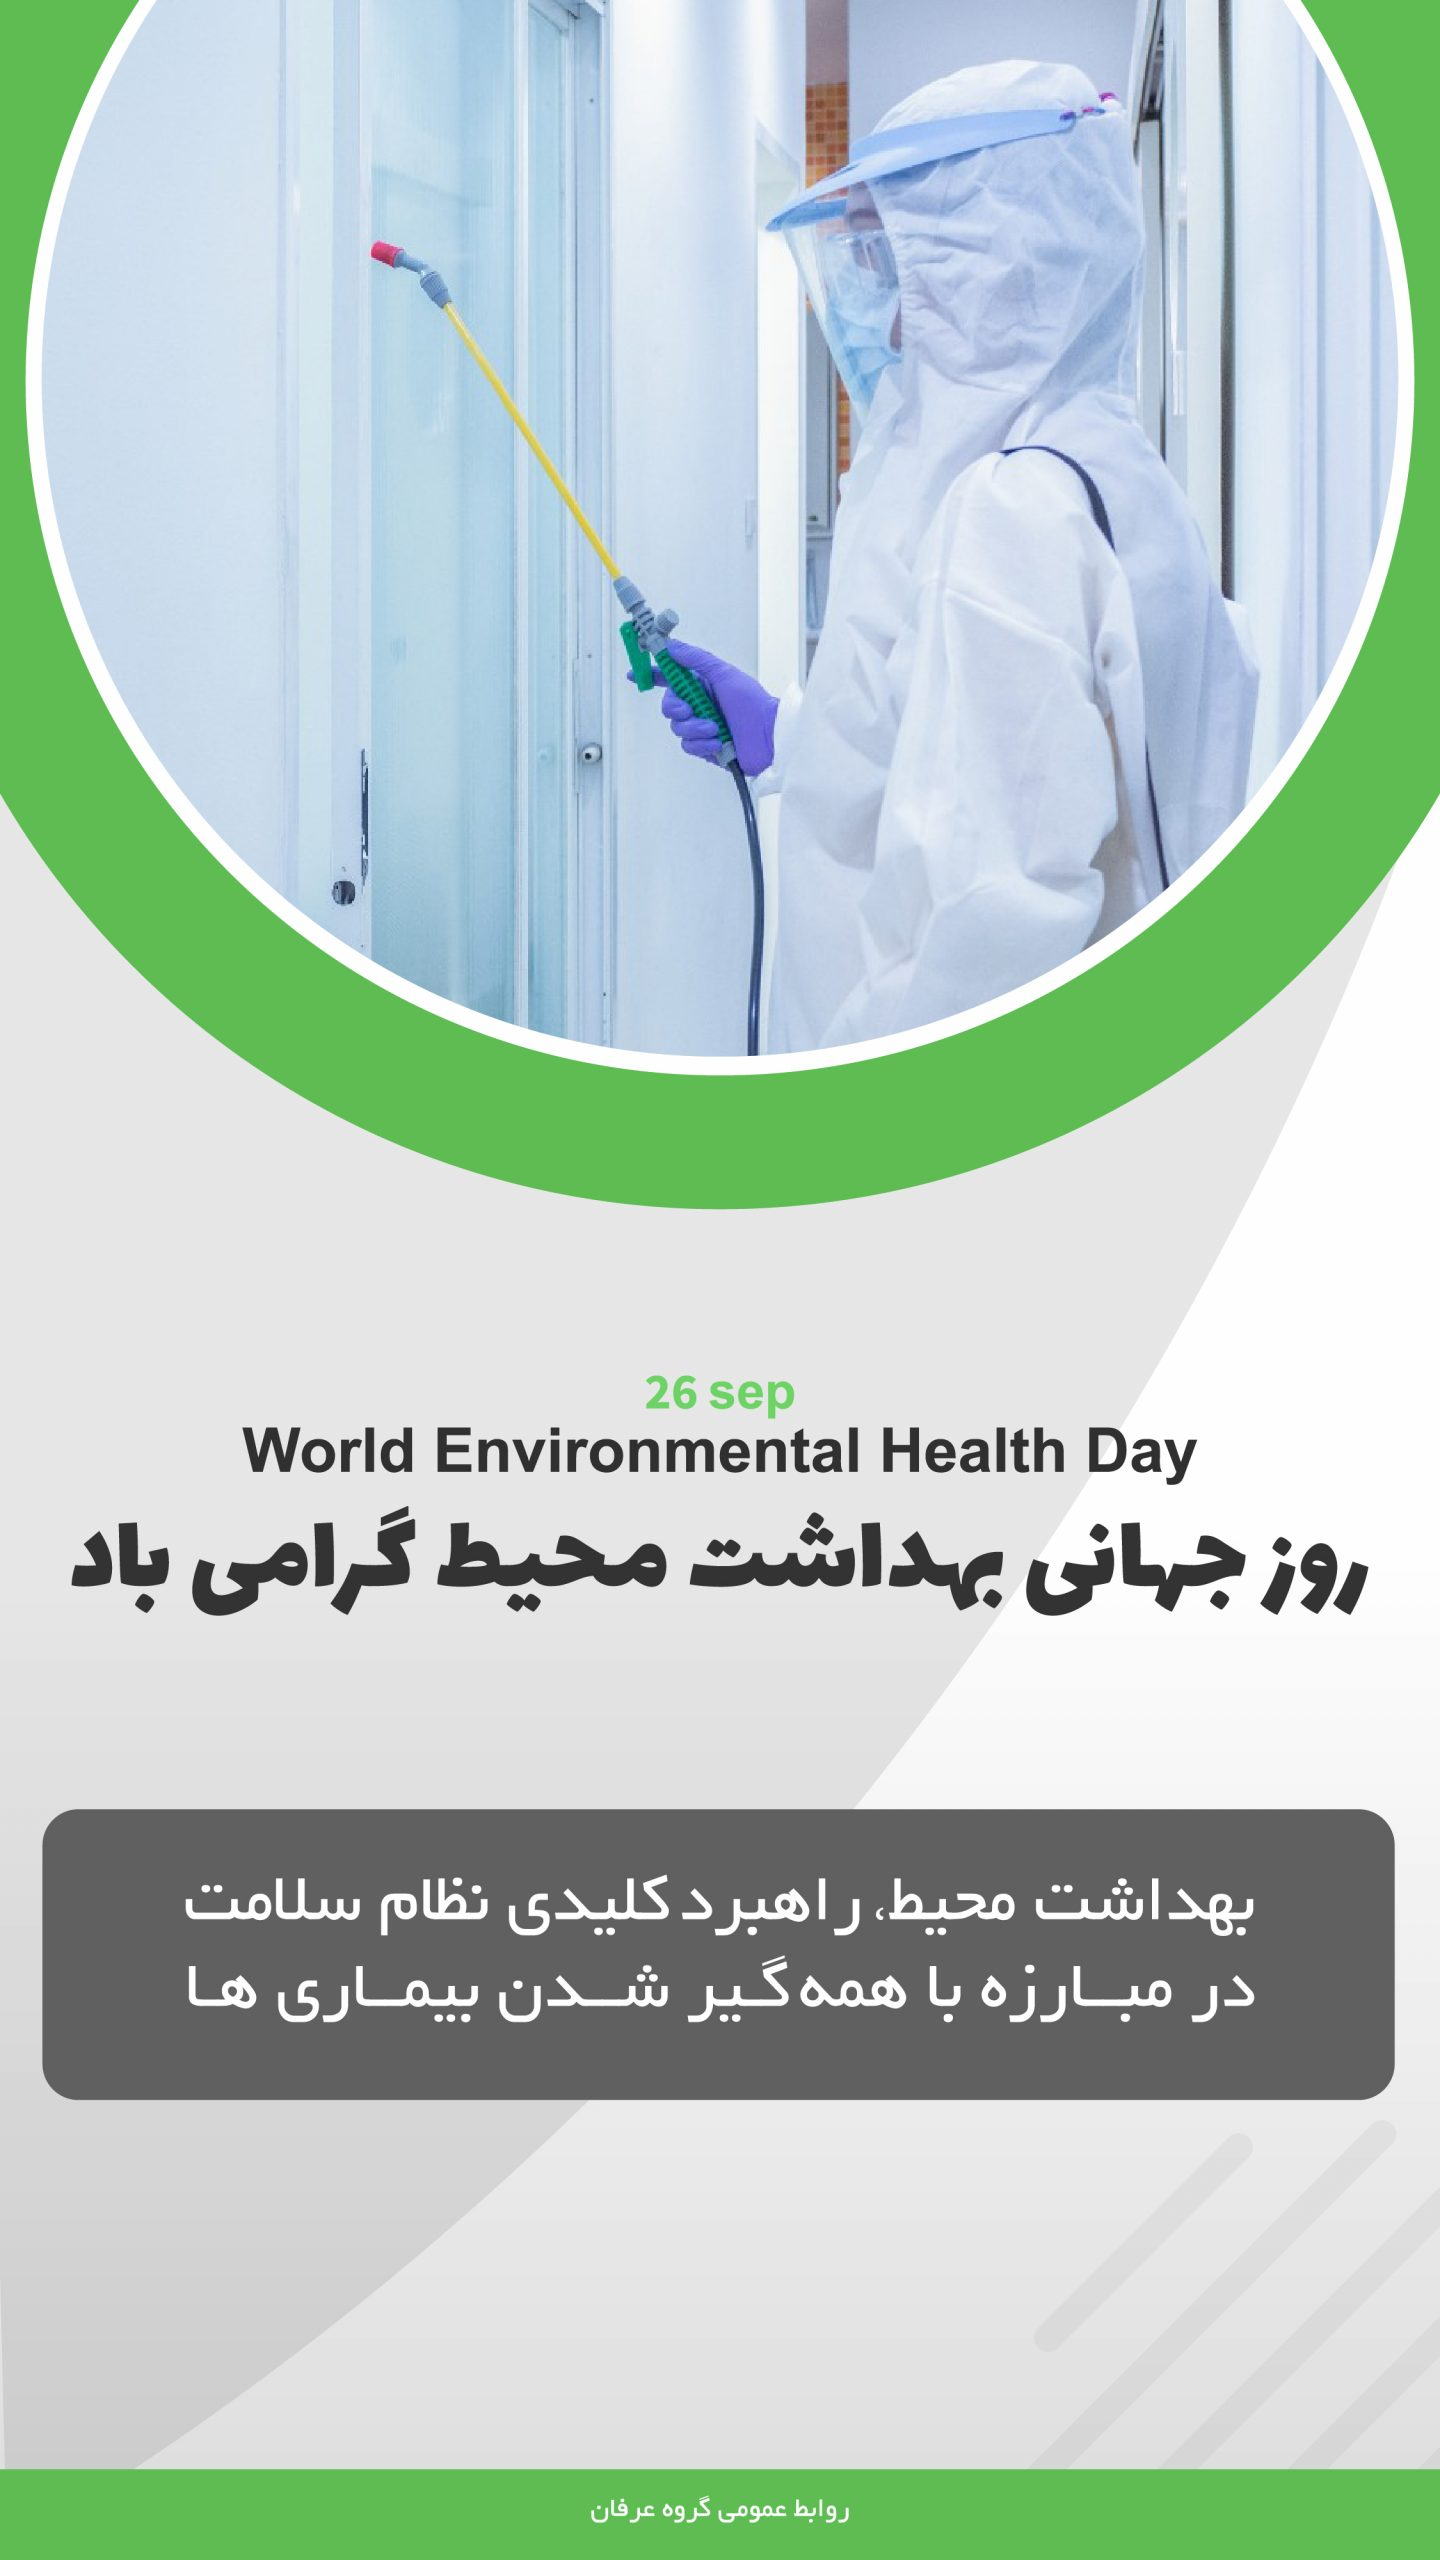 روز جهانی بهداشت محیط